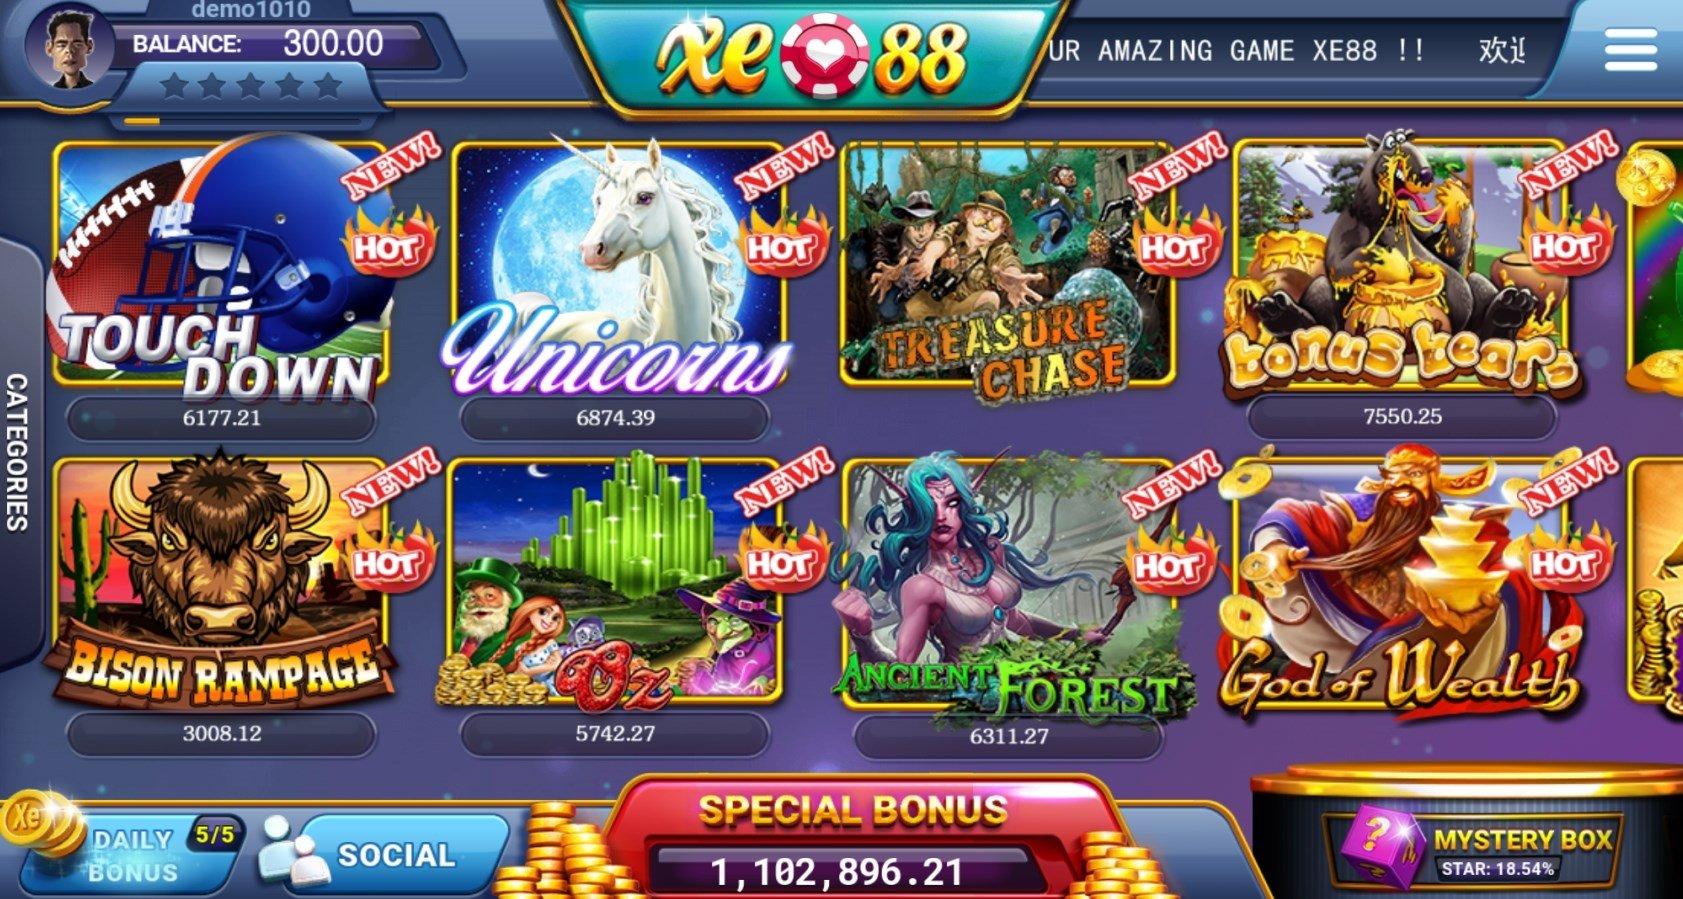 Игровые автоматы планшет андроид скачать бесплатно бесплатные игровые автоматы играть бесплатно казино елена